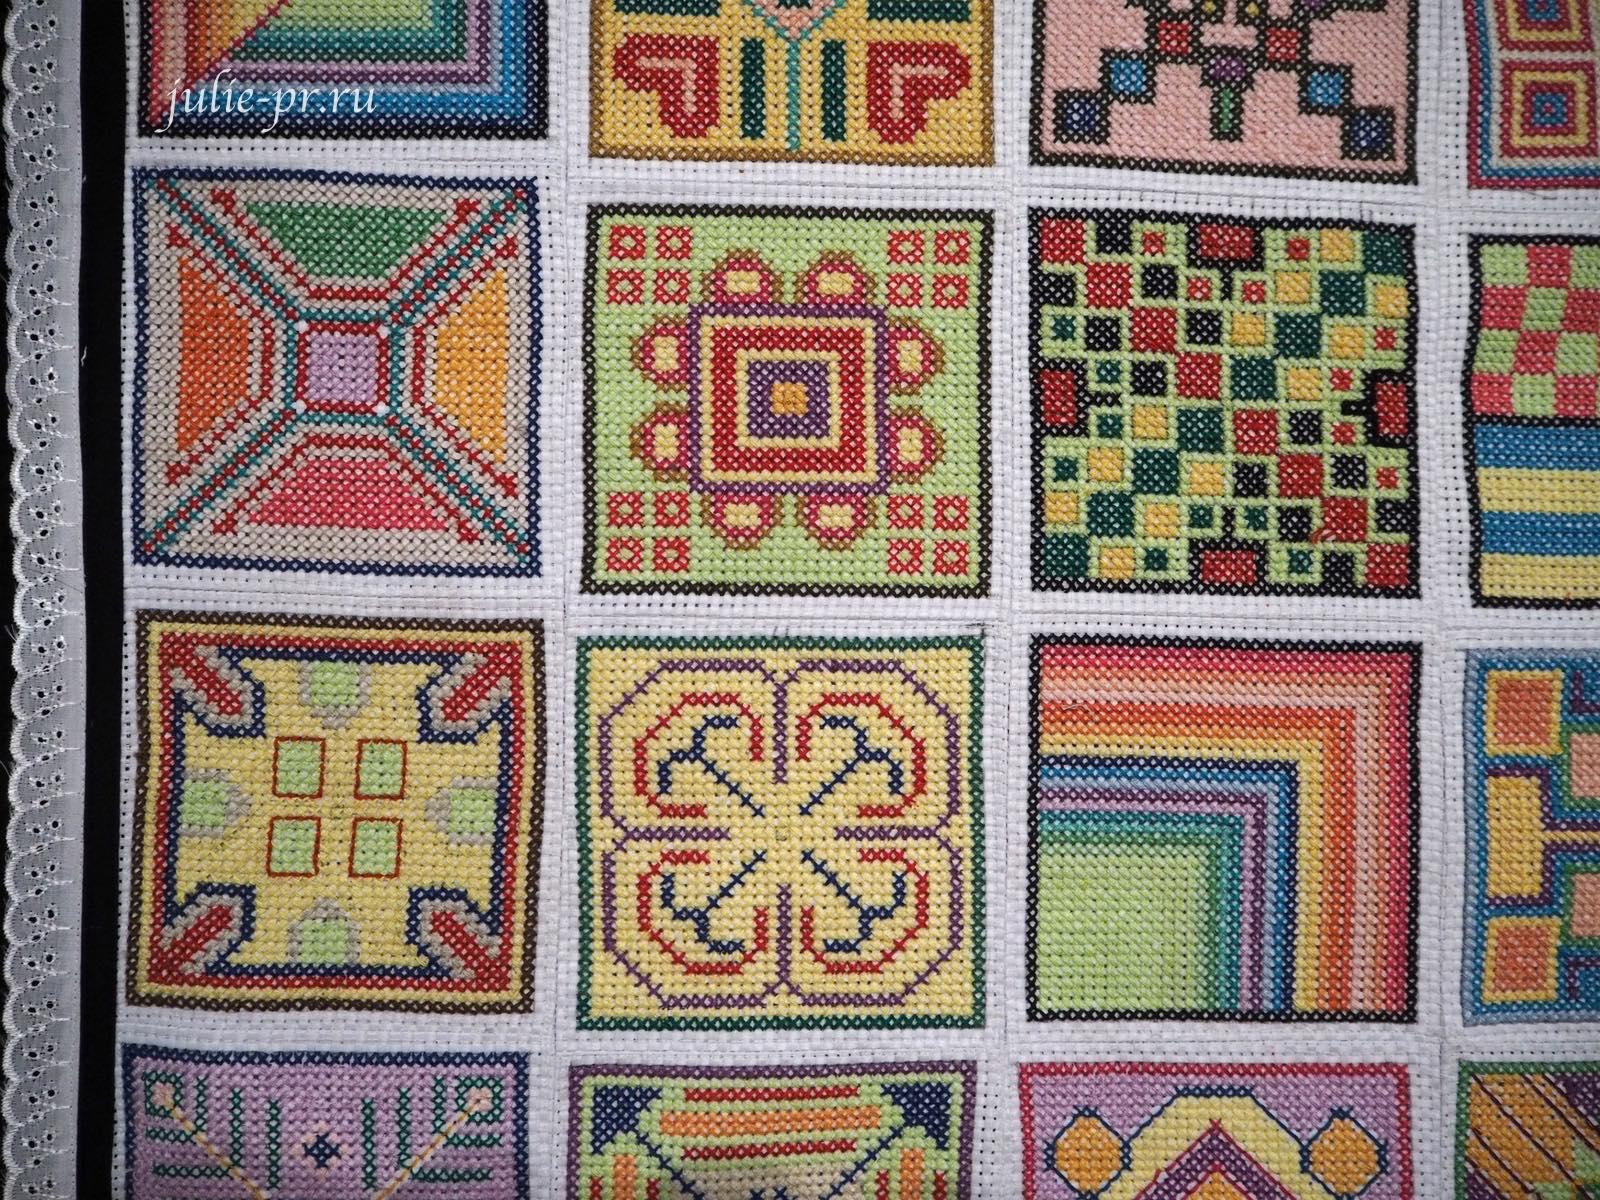 выставка, Bayaning Inday, вышивка, Филиппины, Манила, вышивка крестом